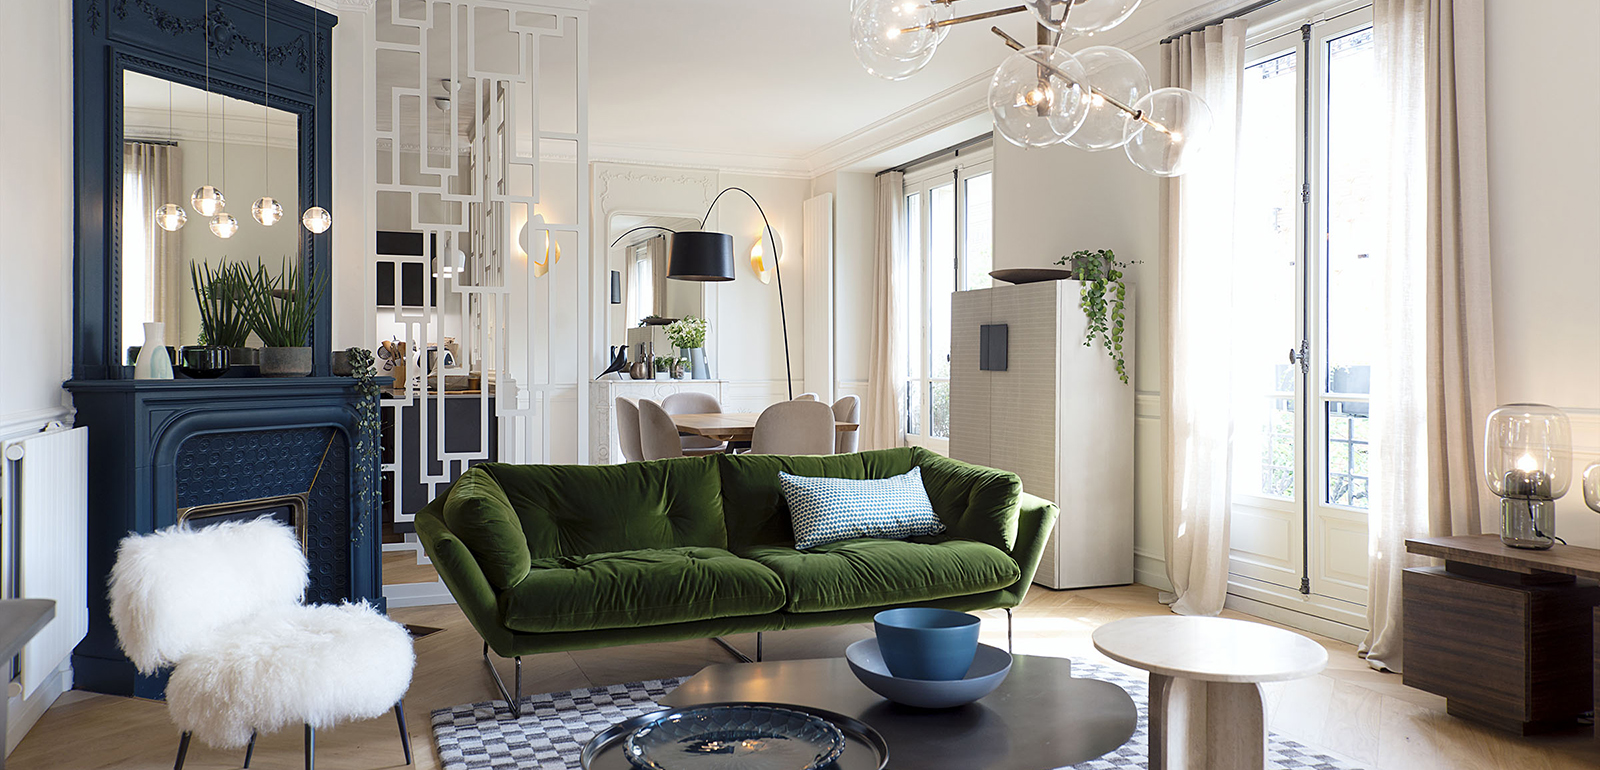 Ameublement Et Decoration D Un Appartement A Vincennes 10surdix